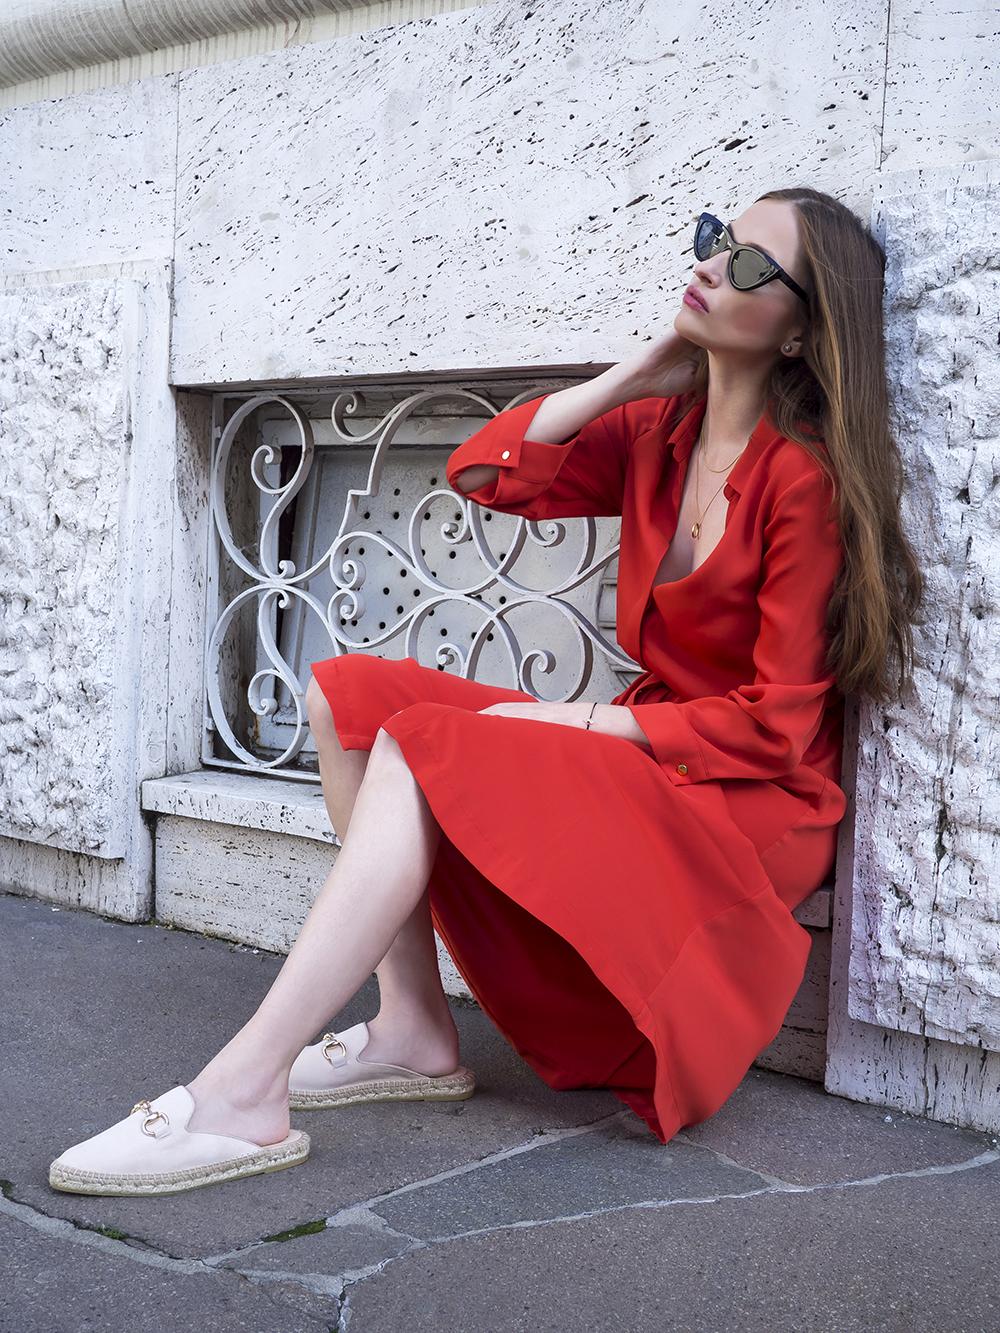 Psychológia farieb - čo znamená červená farba v obliekaní